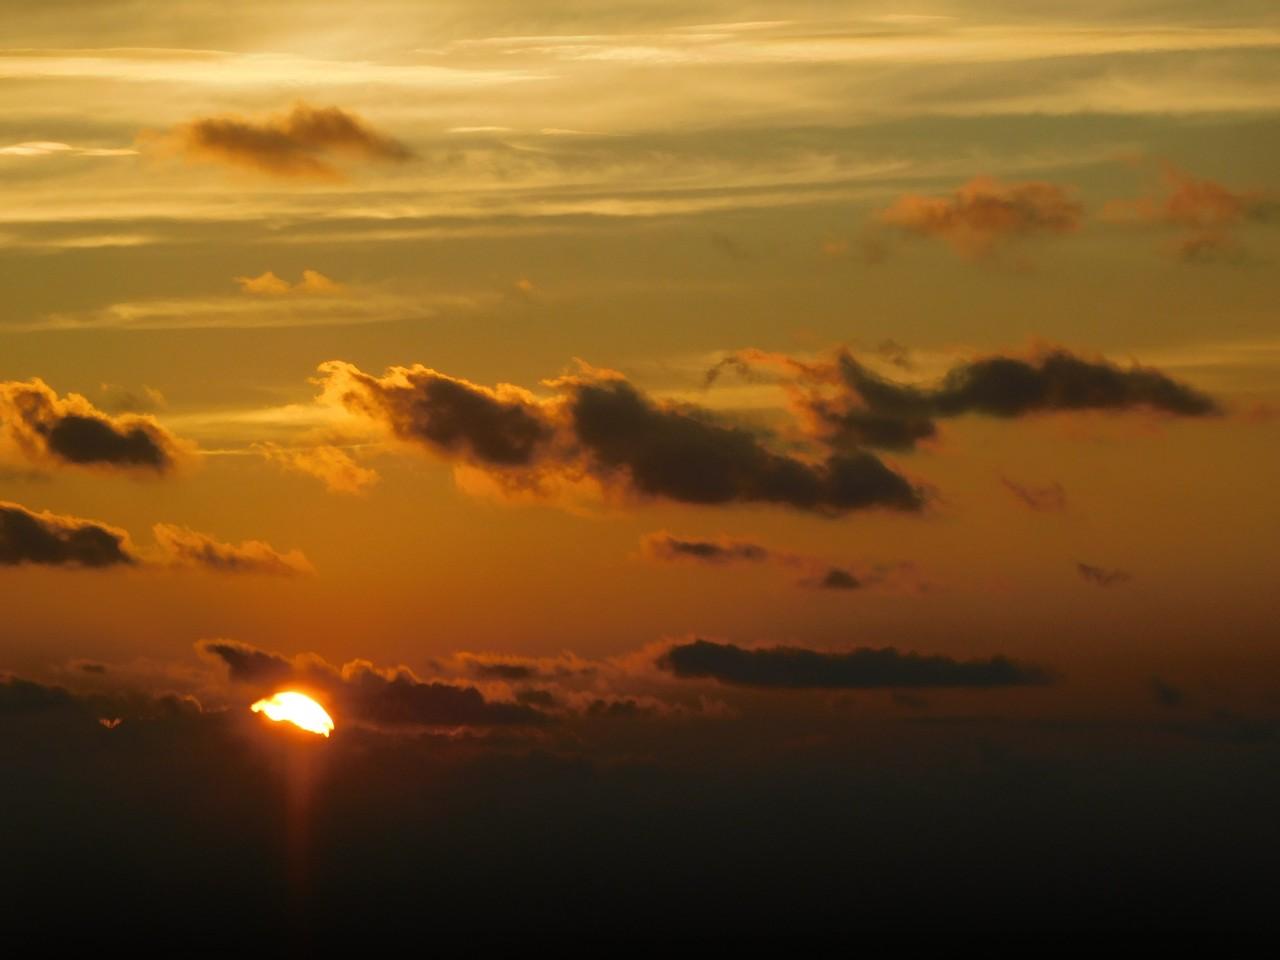 ここから最後の画像まで、船上で眺めた夕方から夜にかけての空の色です